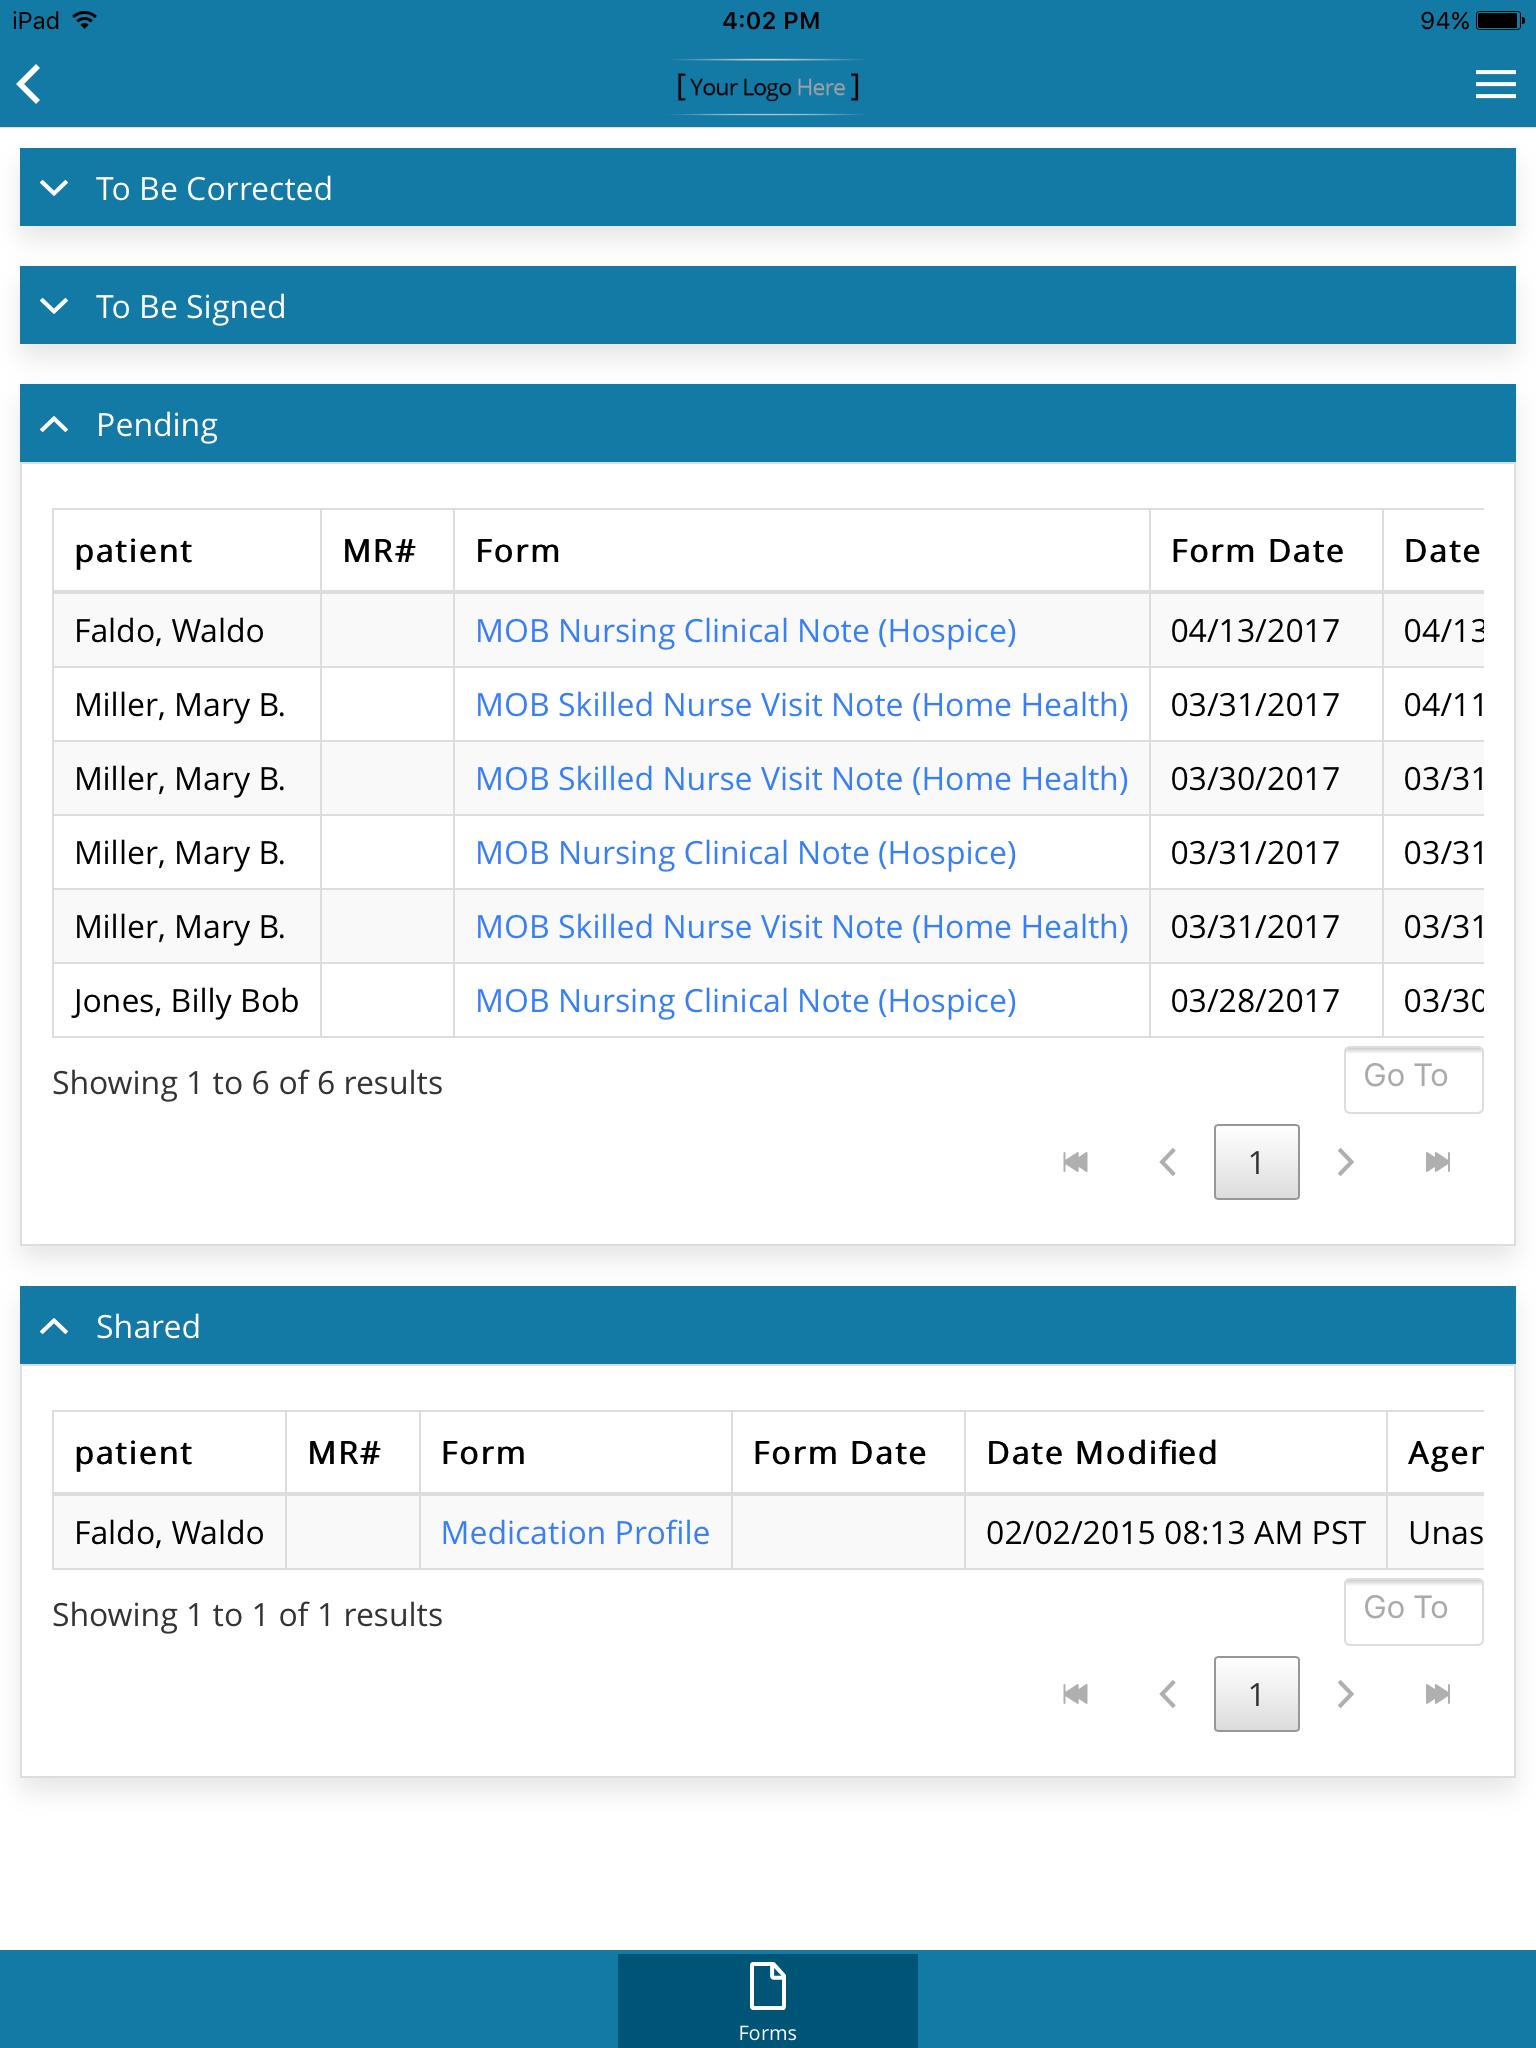 DeVero - Patient records